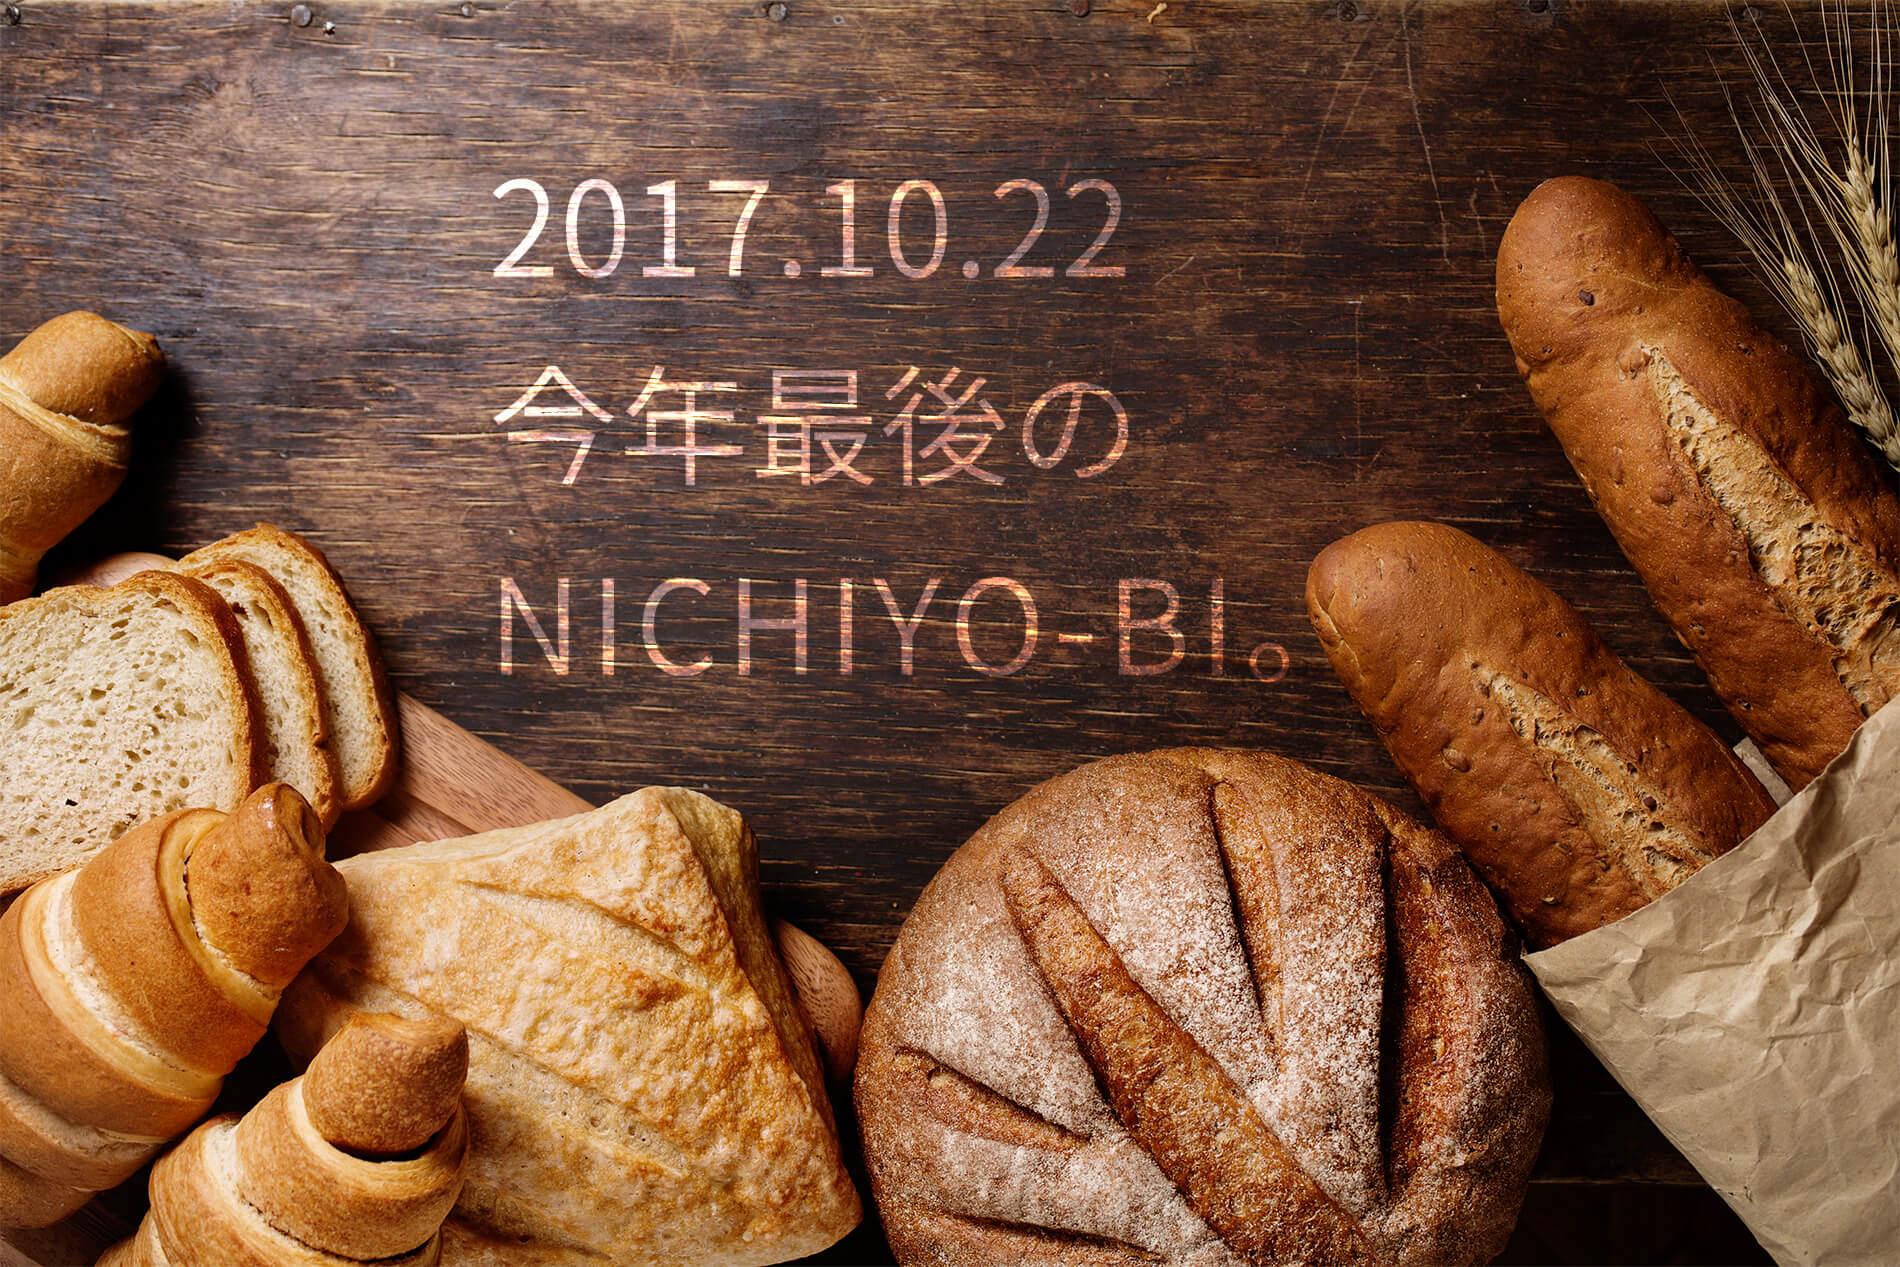 nichiyobi_2017